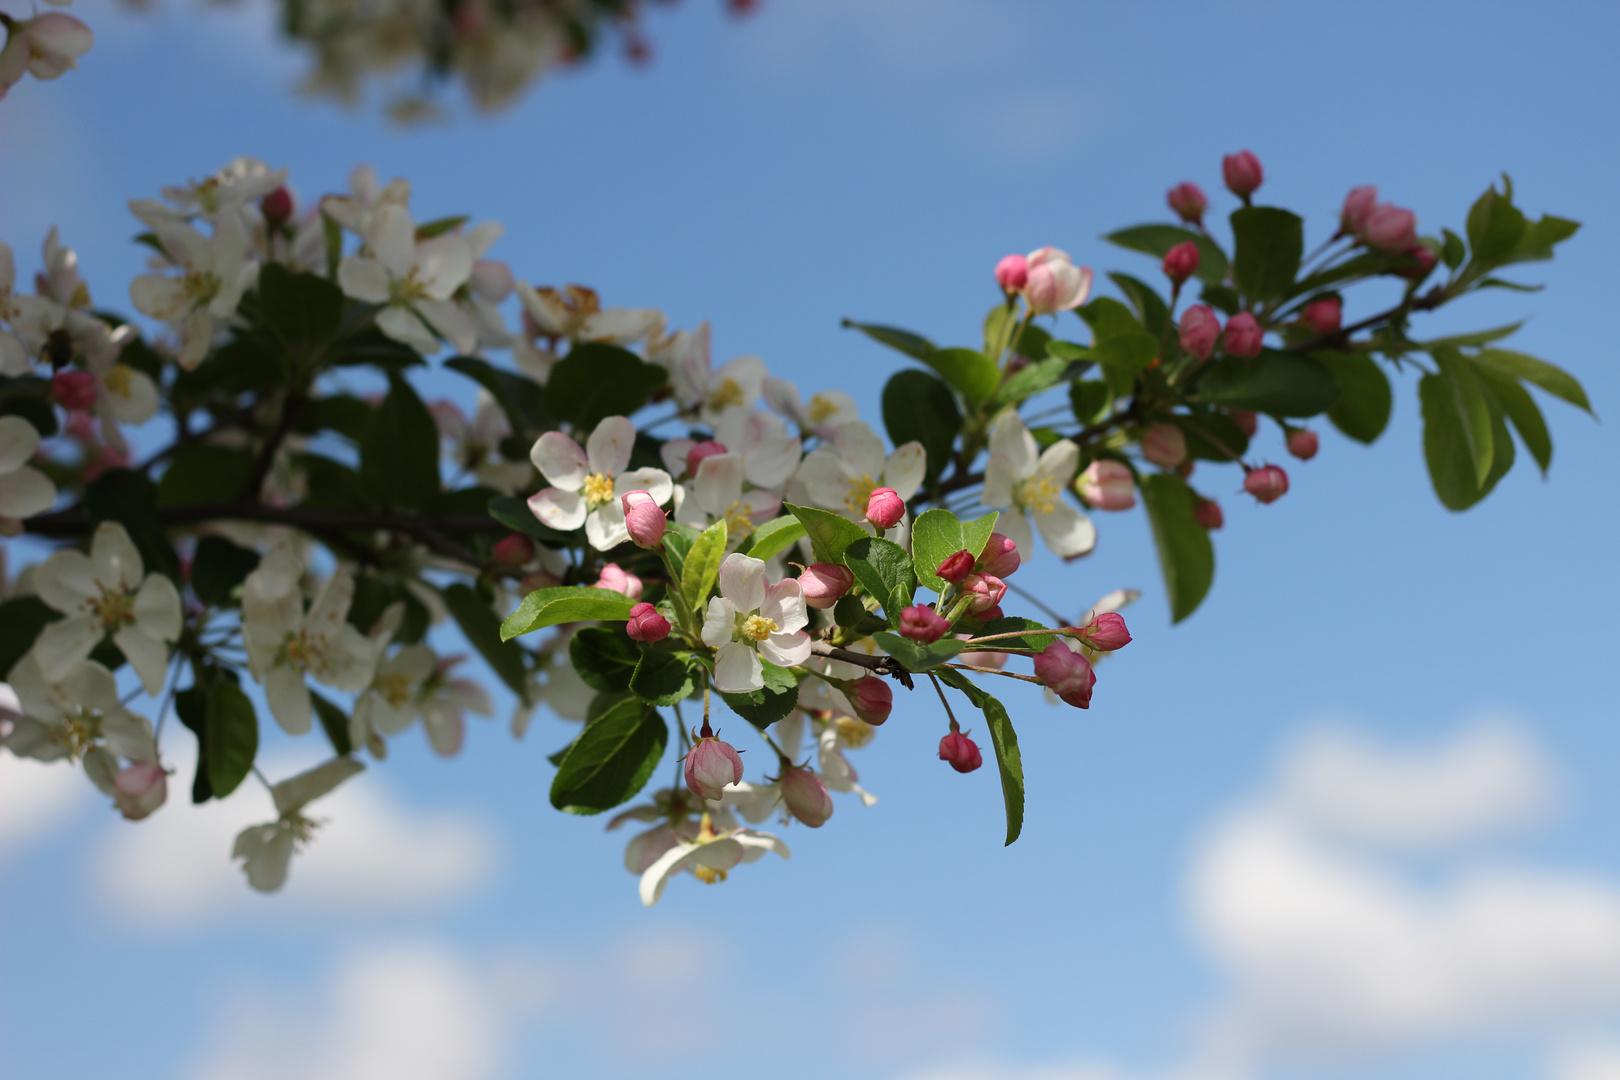 nochmals Apfelblüte